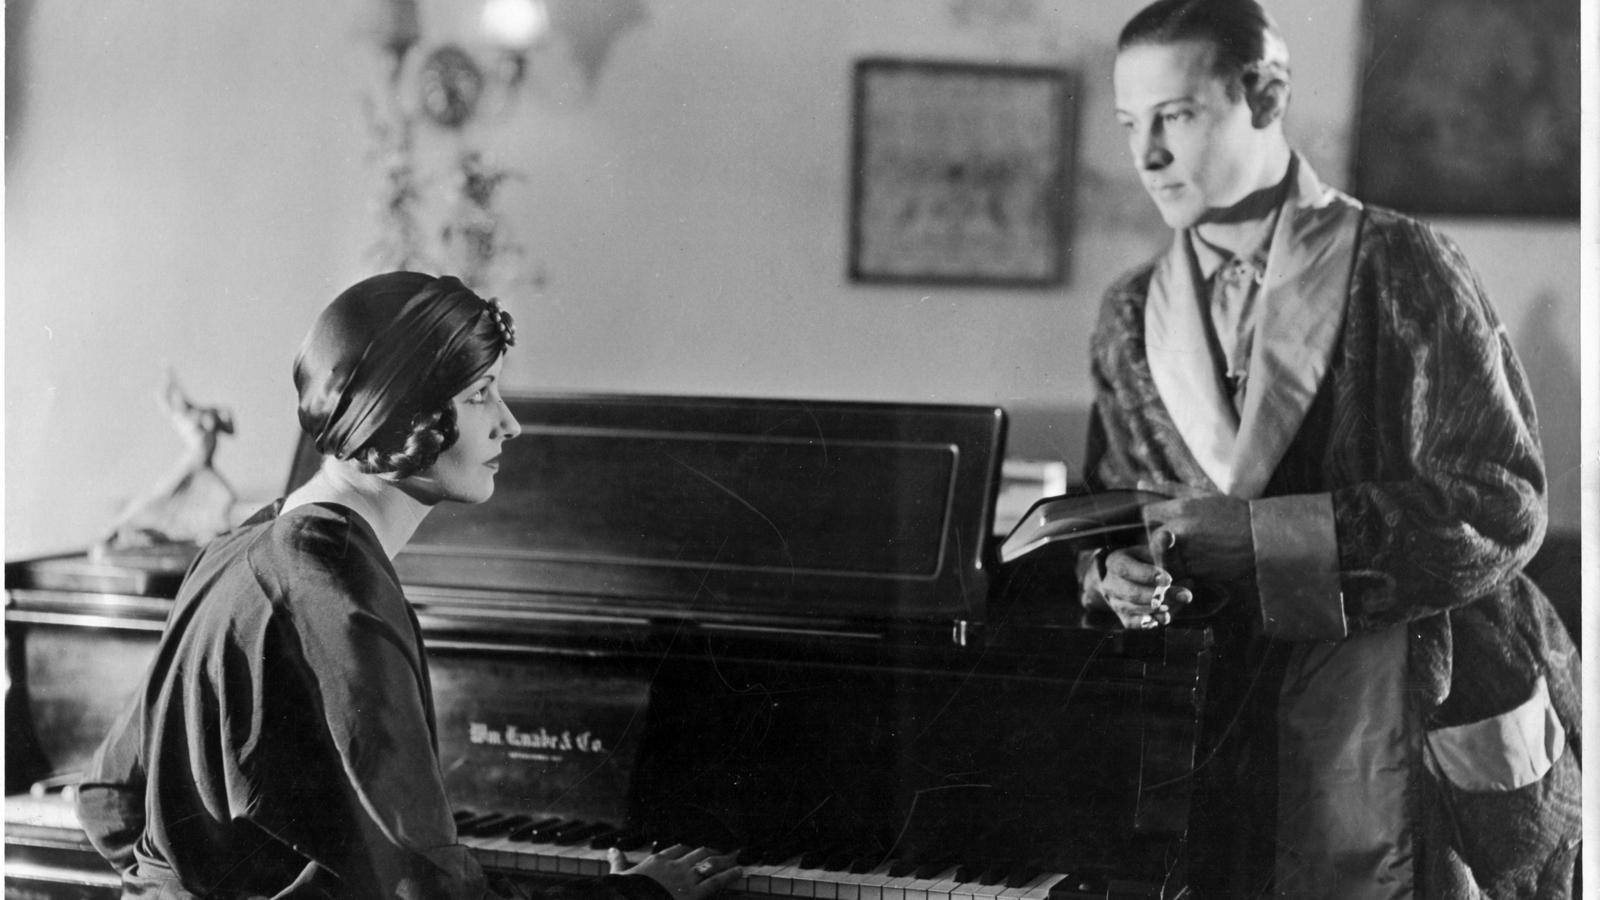 Natacha i Rodolfo Valentino.